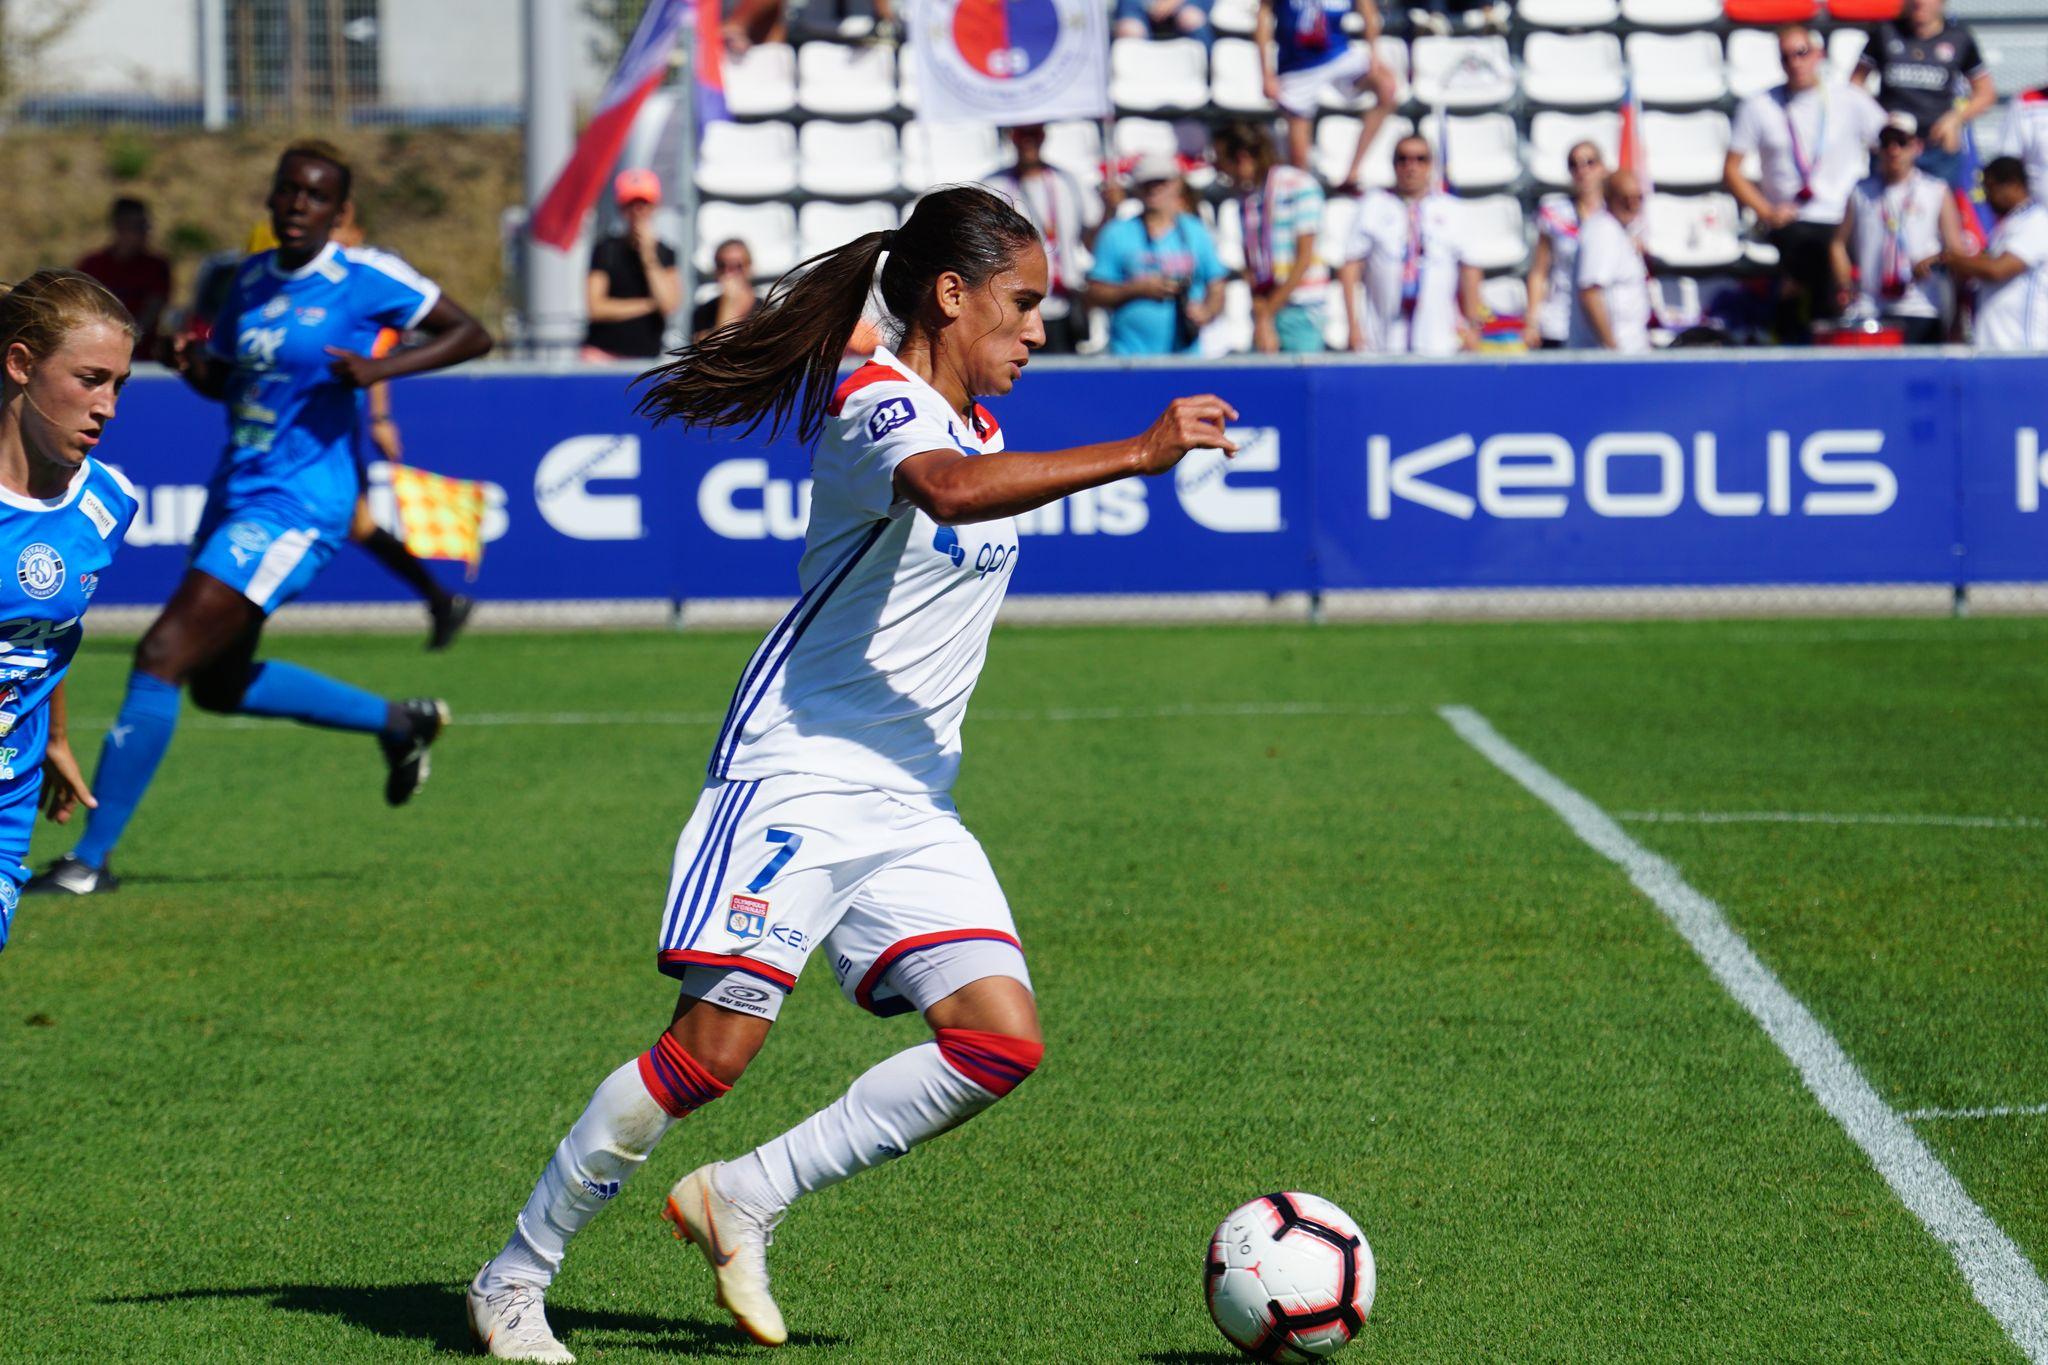 Majri est impliquée directement dans sept des buts de l'OL en deux journées (photo footofeminin.fr)